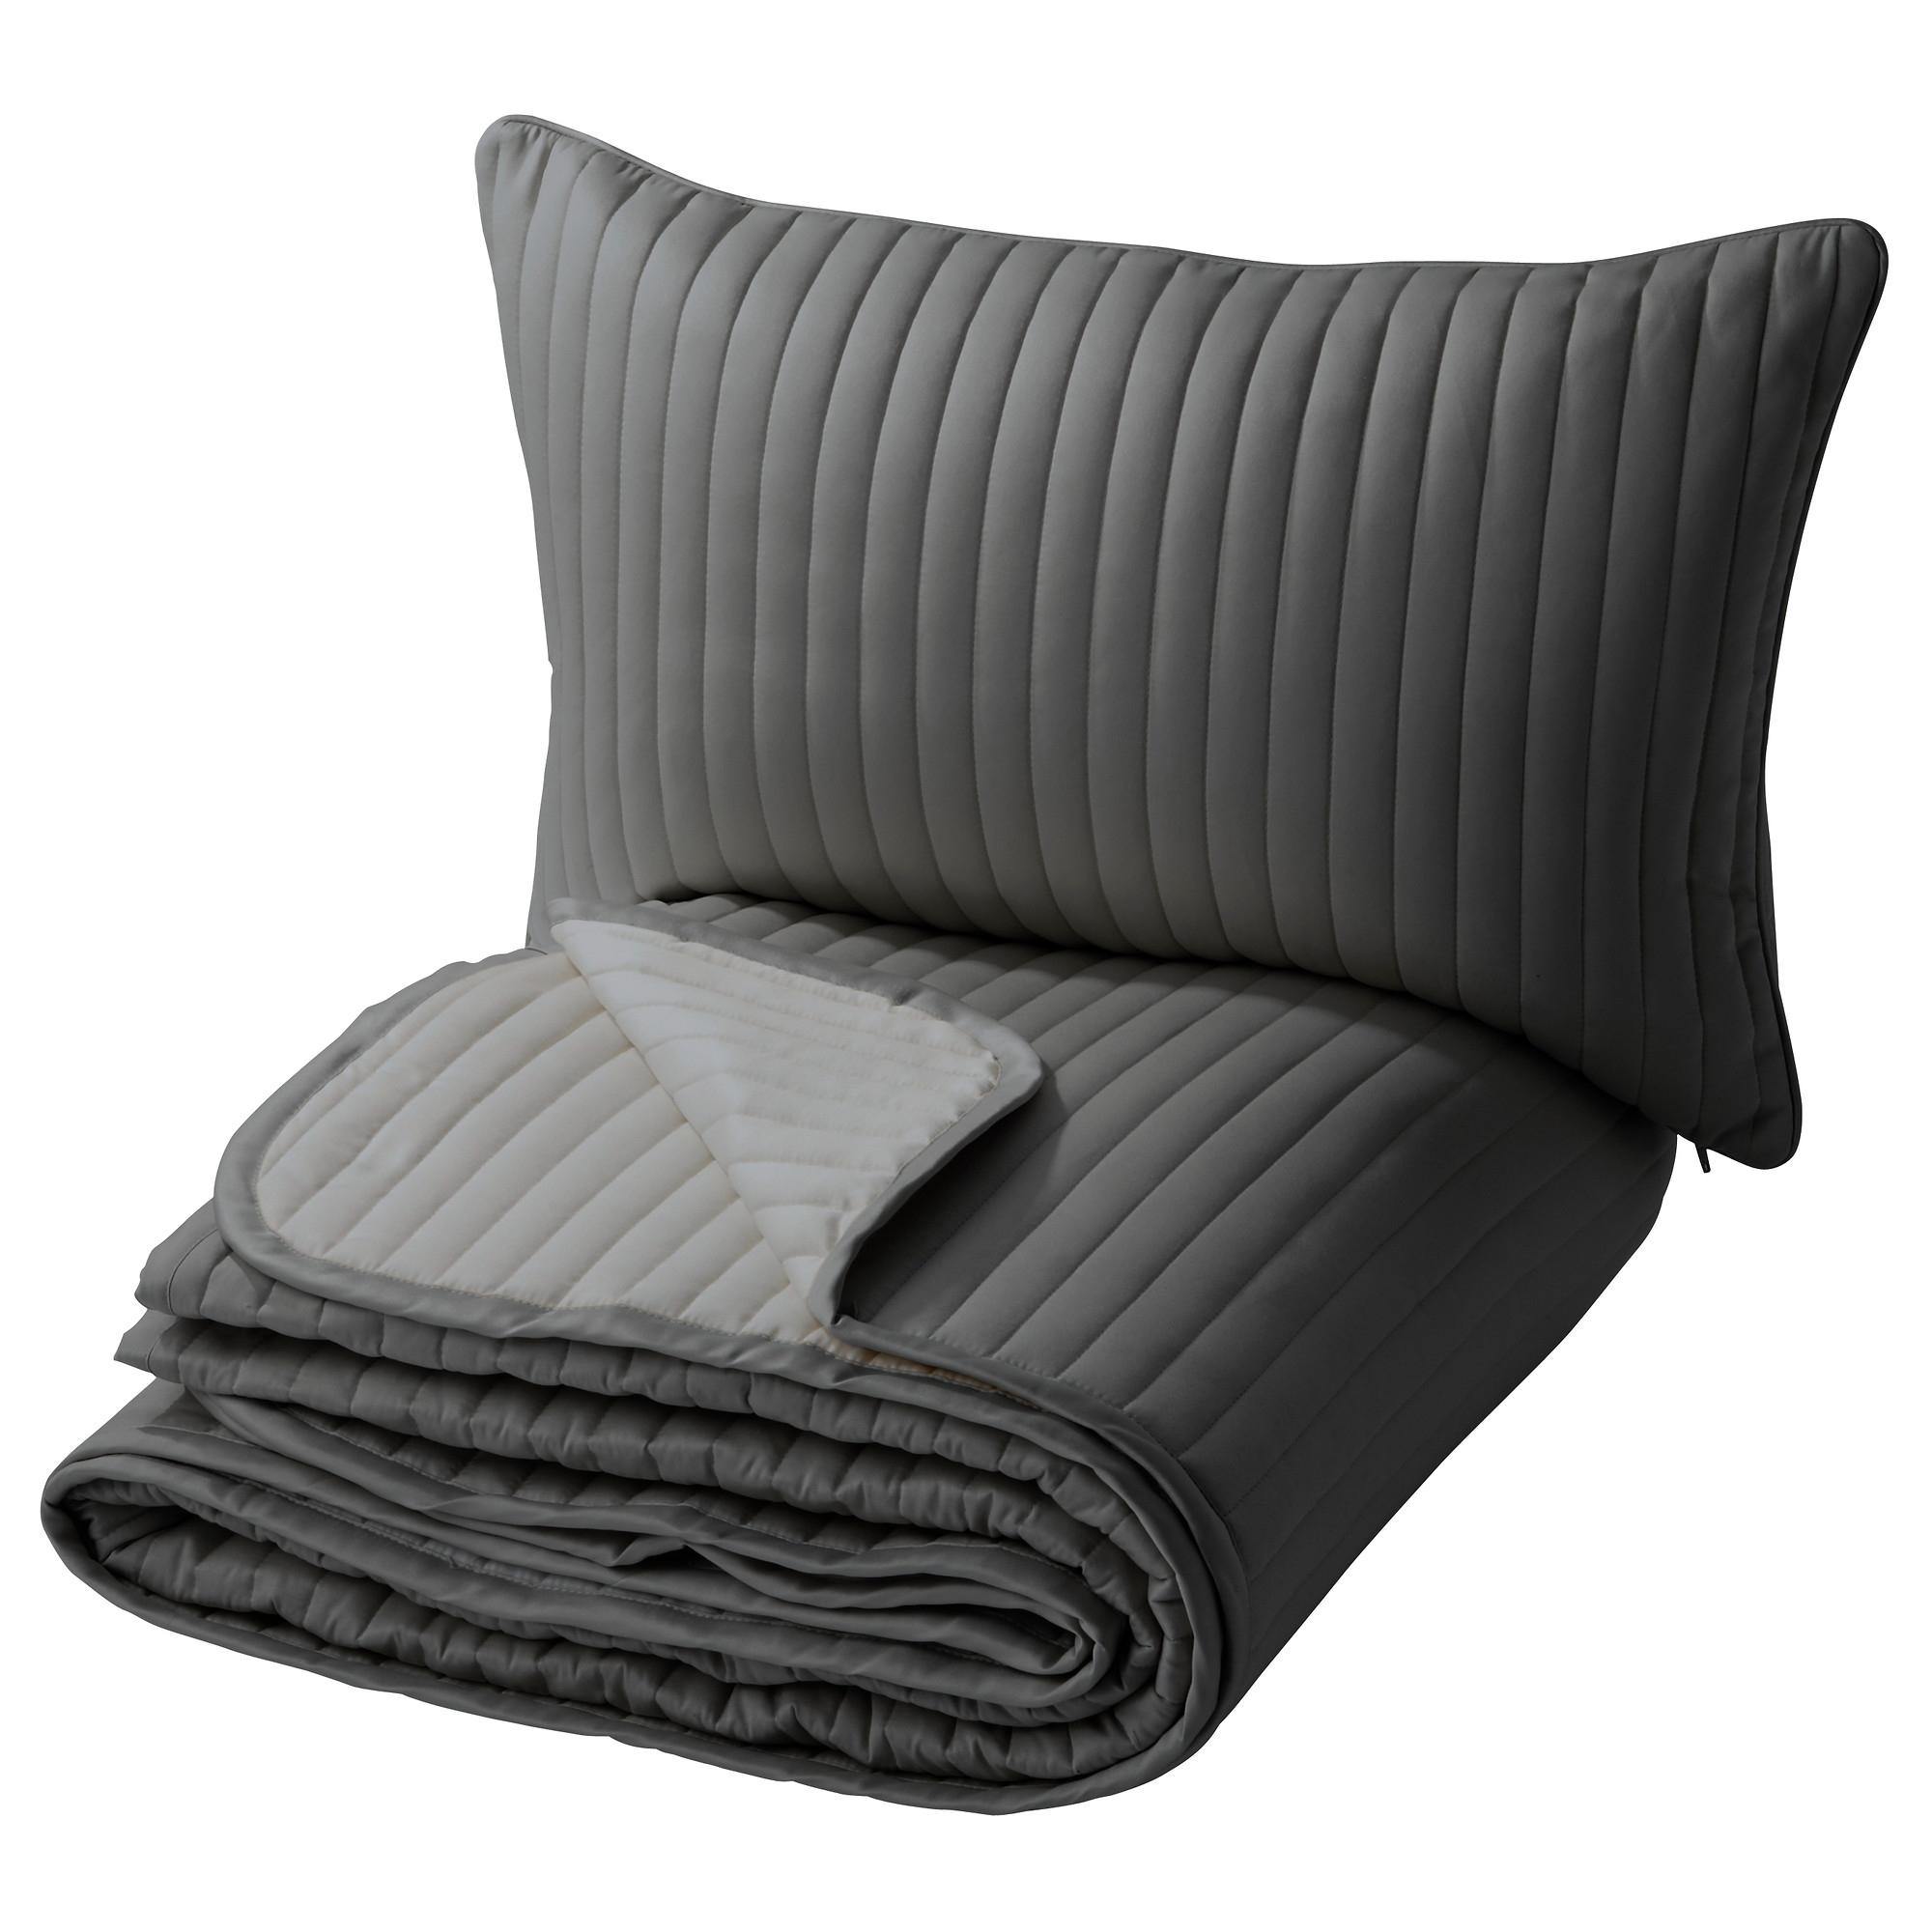 Karit colcha y funda almohada - Ikea ropa de cama colchas ...